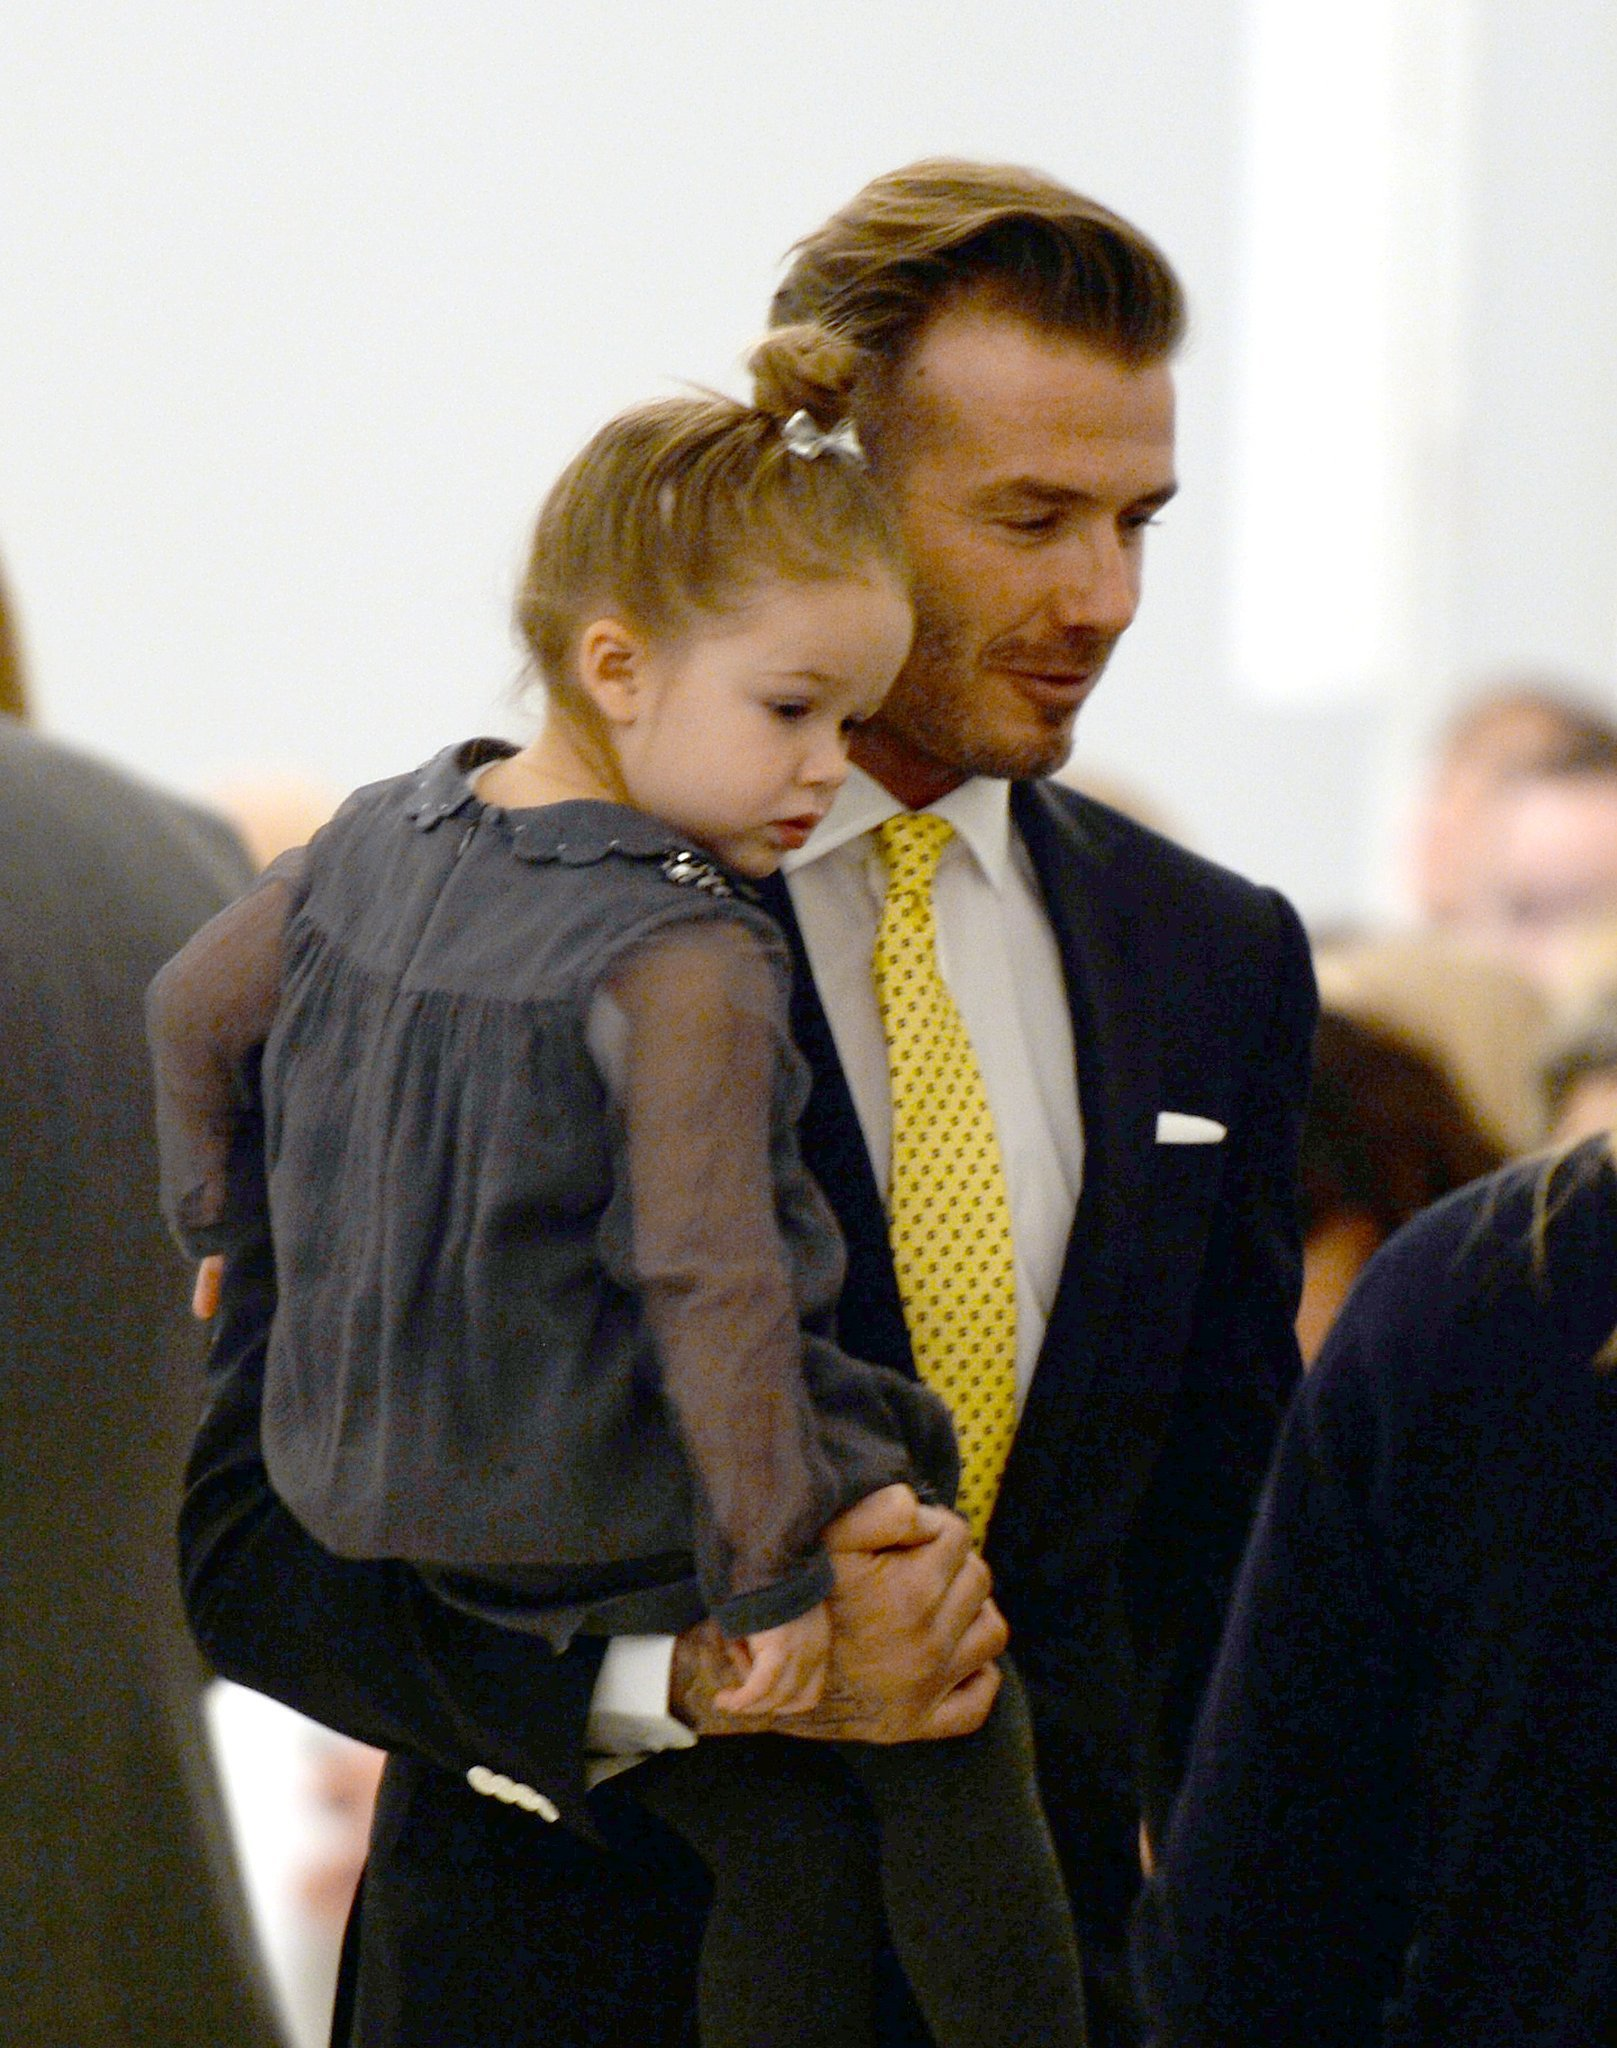 David Beckham khoe ảnh chơi cùng con gái trên Instagram